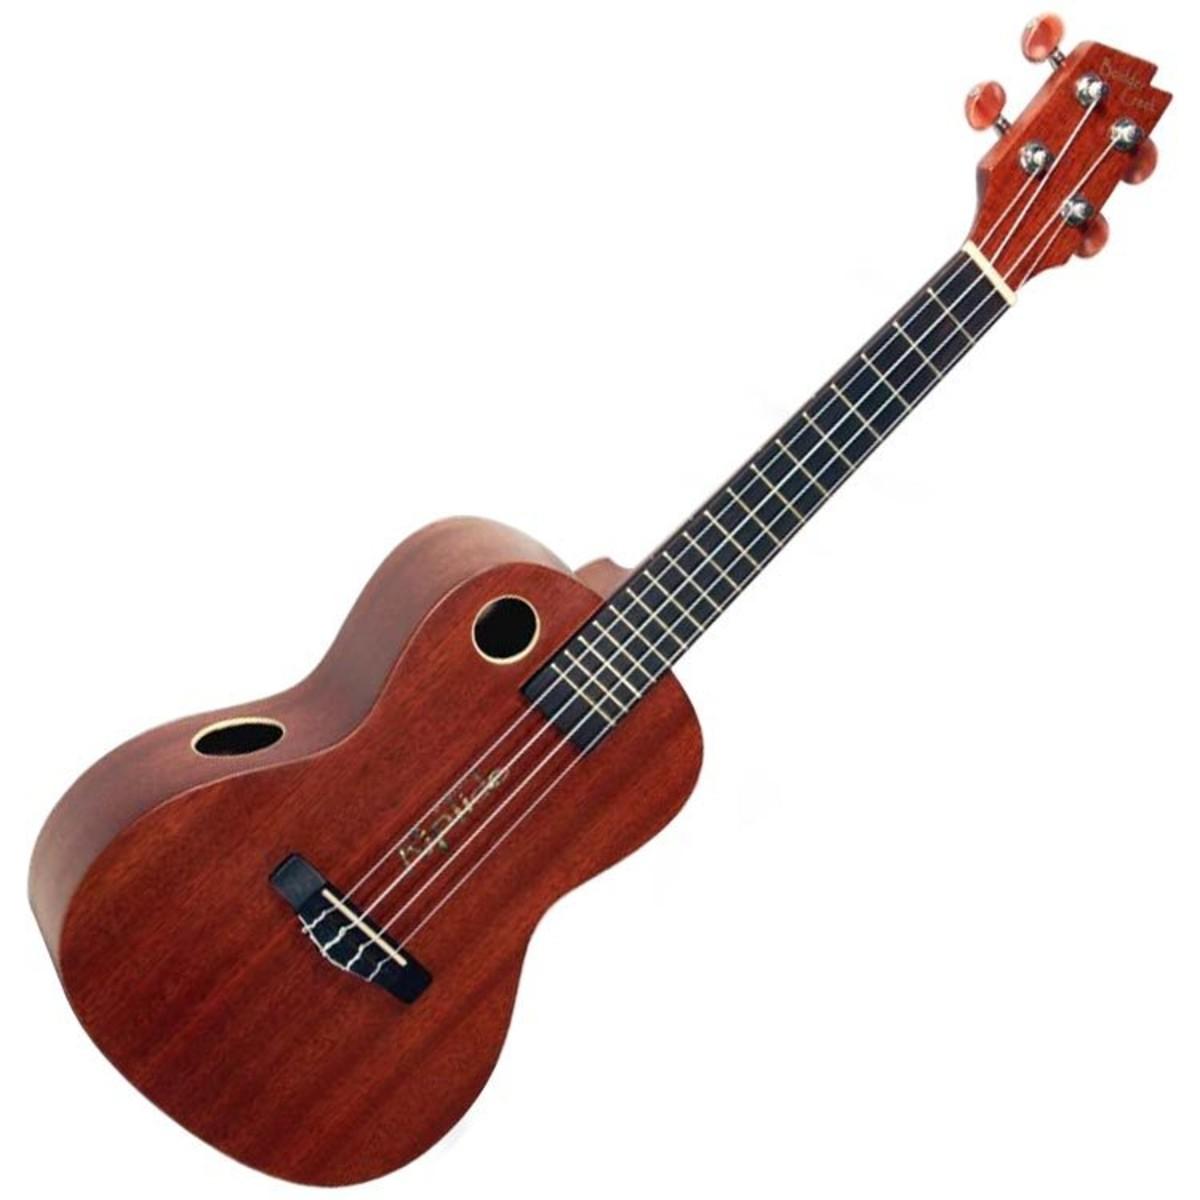 riptide by boulder creek mahogany concert ukulele at. Black Bedroom Furniture Sets. Home Design Ideas